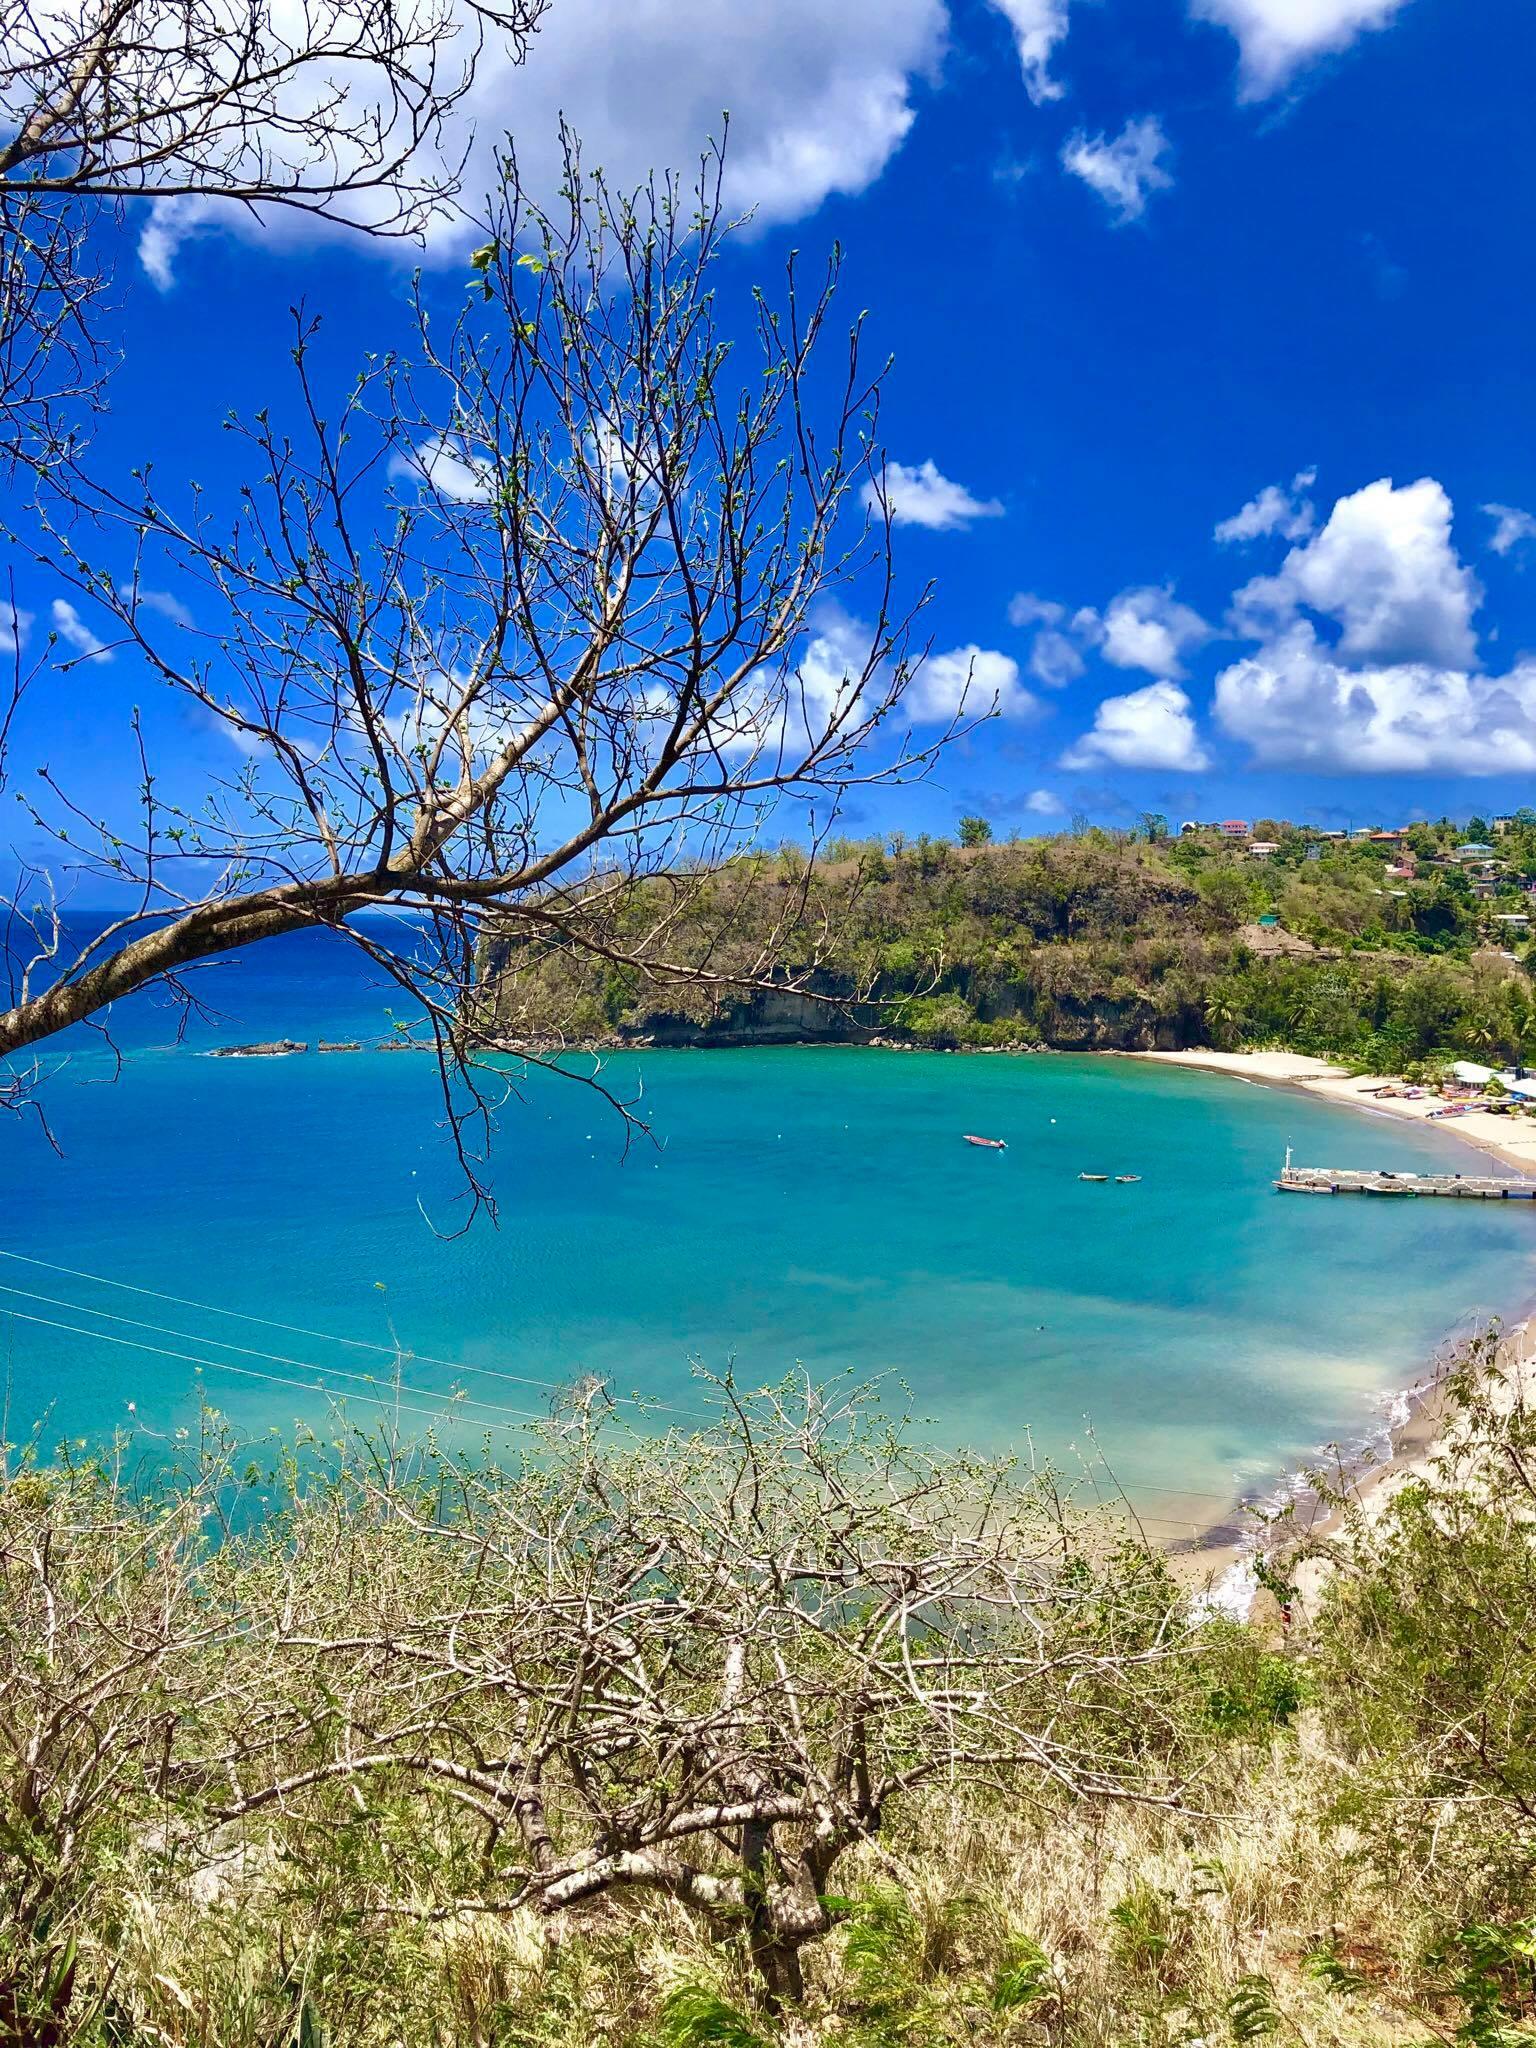 Kach Solo Travels in 2019 Beautiful St Lucia22.jpg